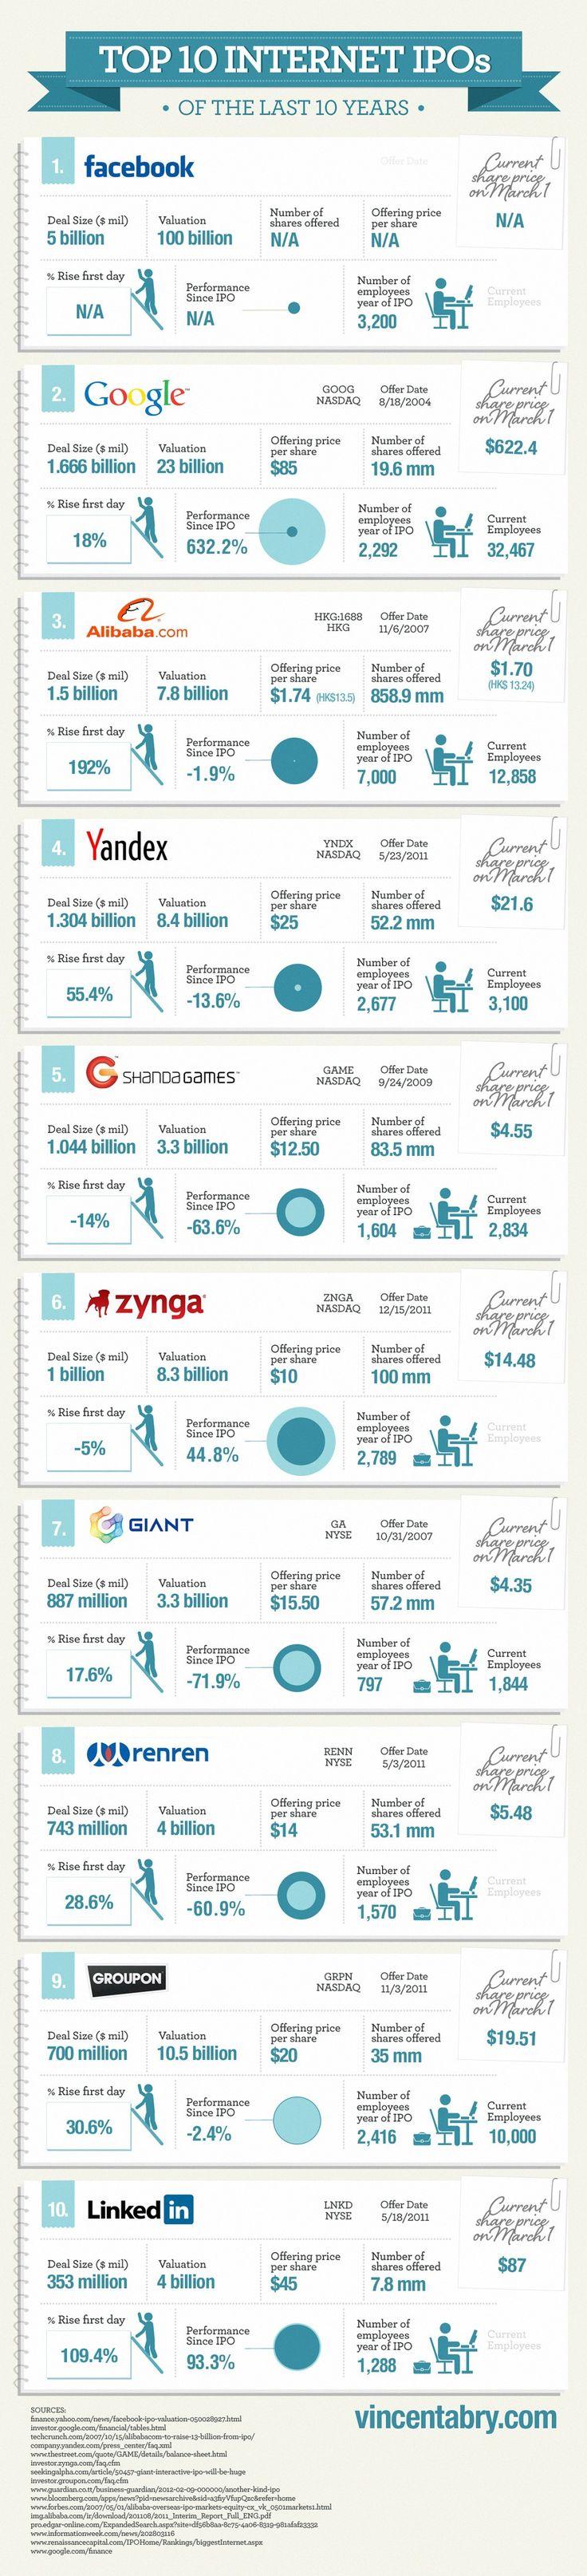 최근 10년 동안 IT기업 IPO 10선. 아직 상장하지 않은 페이스북이 1위. 작년에 상장했던 징가, 그루폰, 링크드인도 10위 안에 이름을 올렸네요.